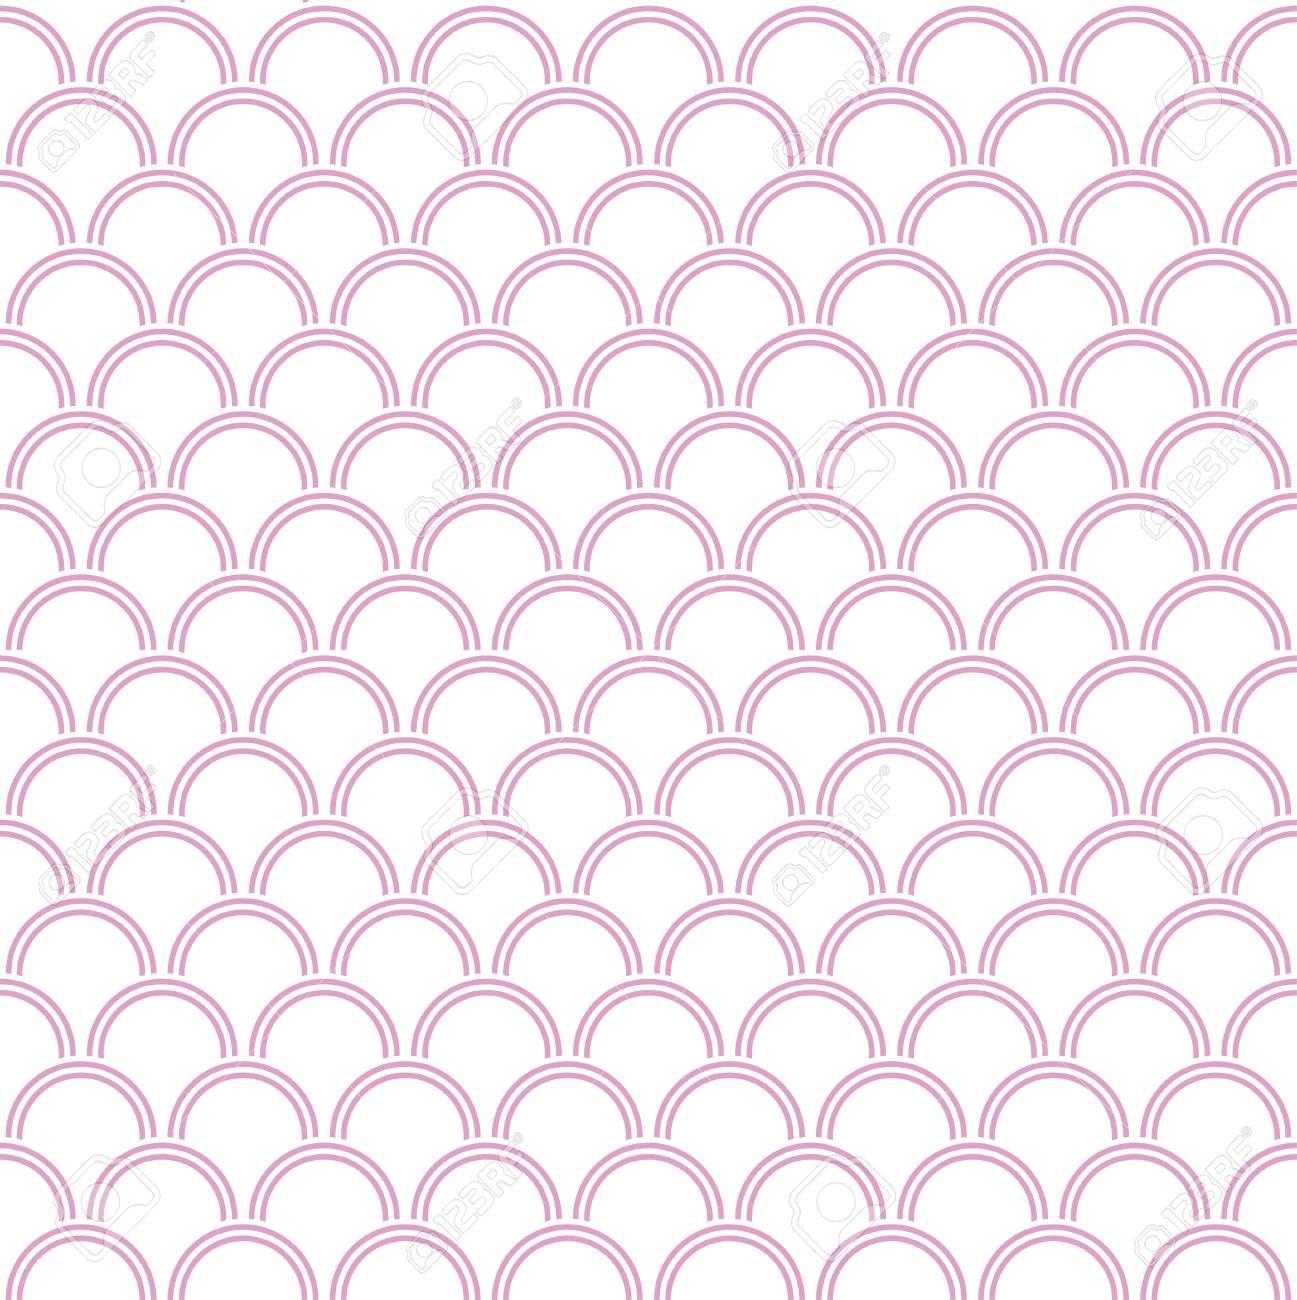 Seamless wave pattern - 114708504